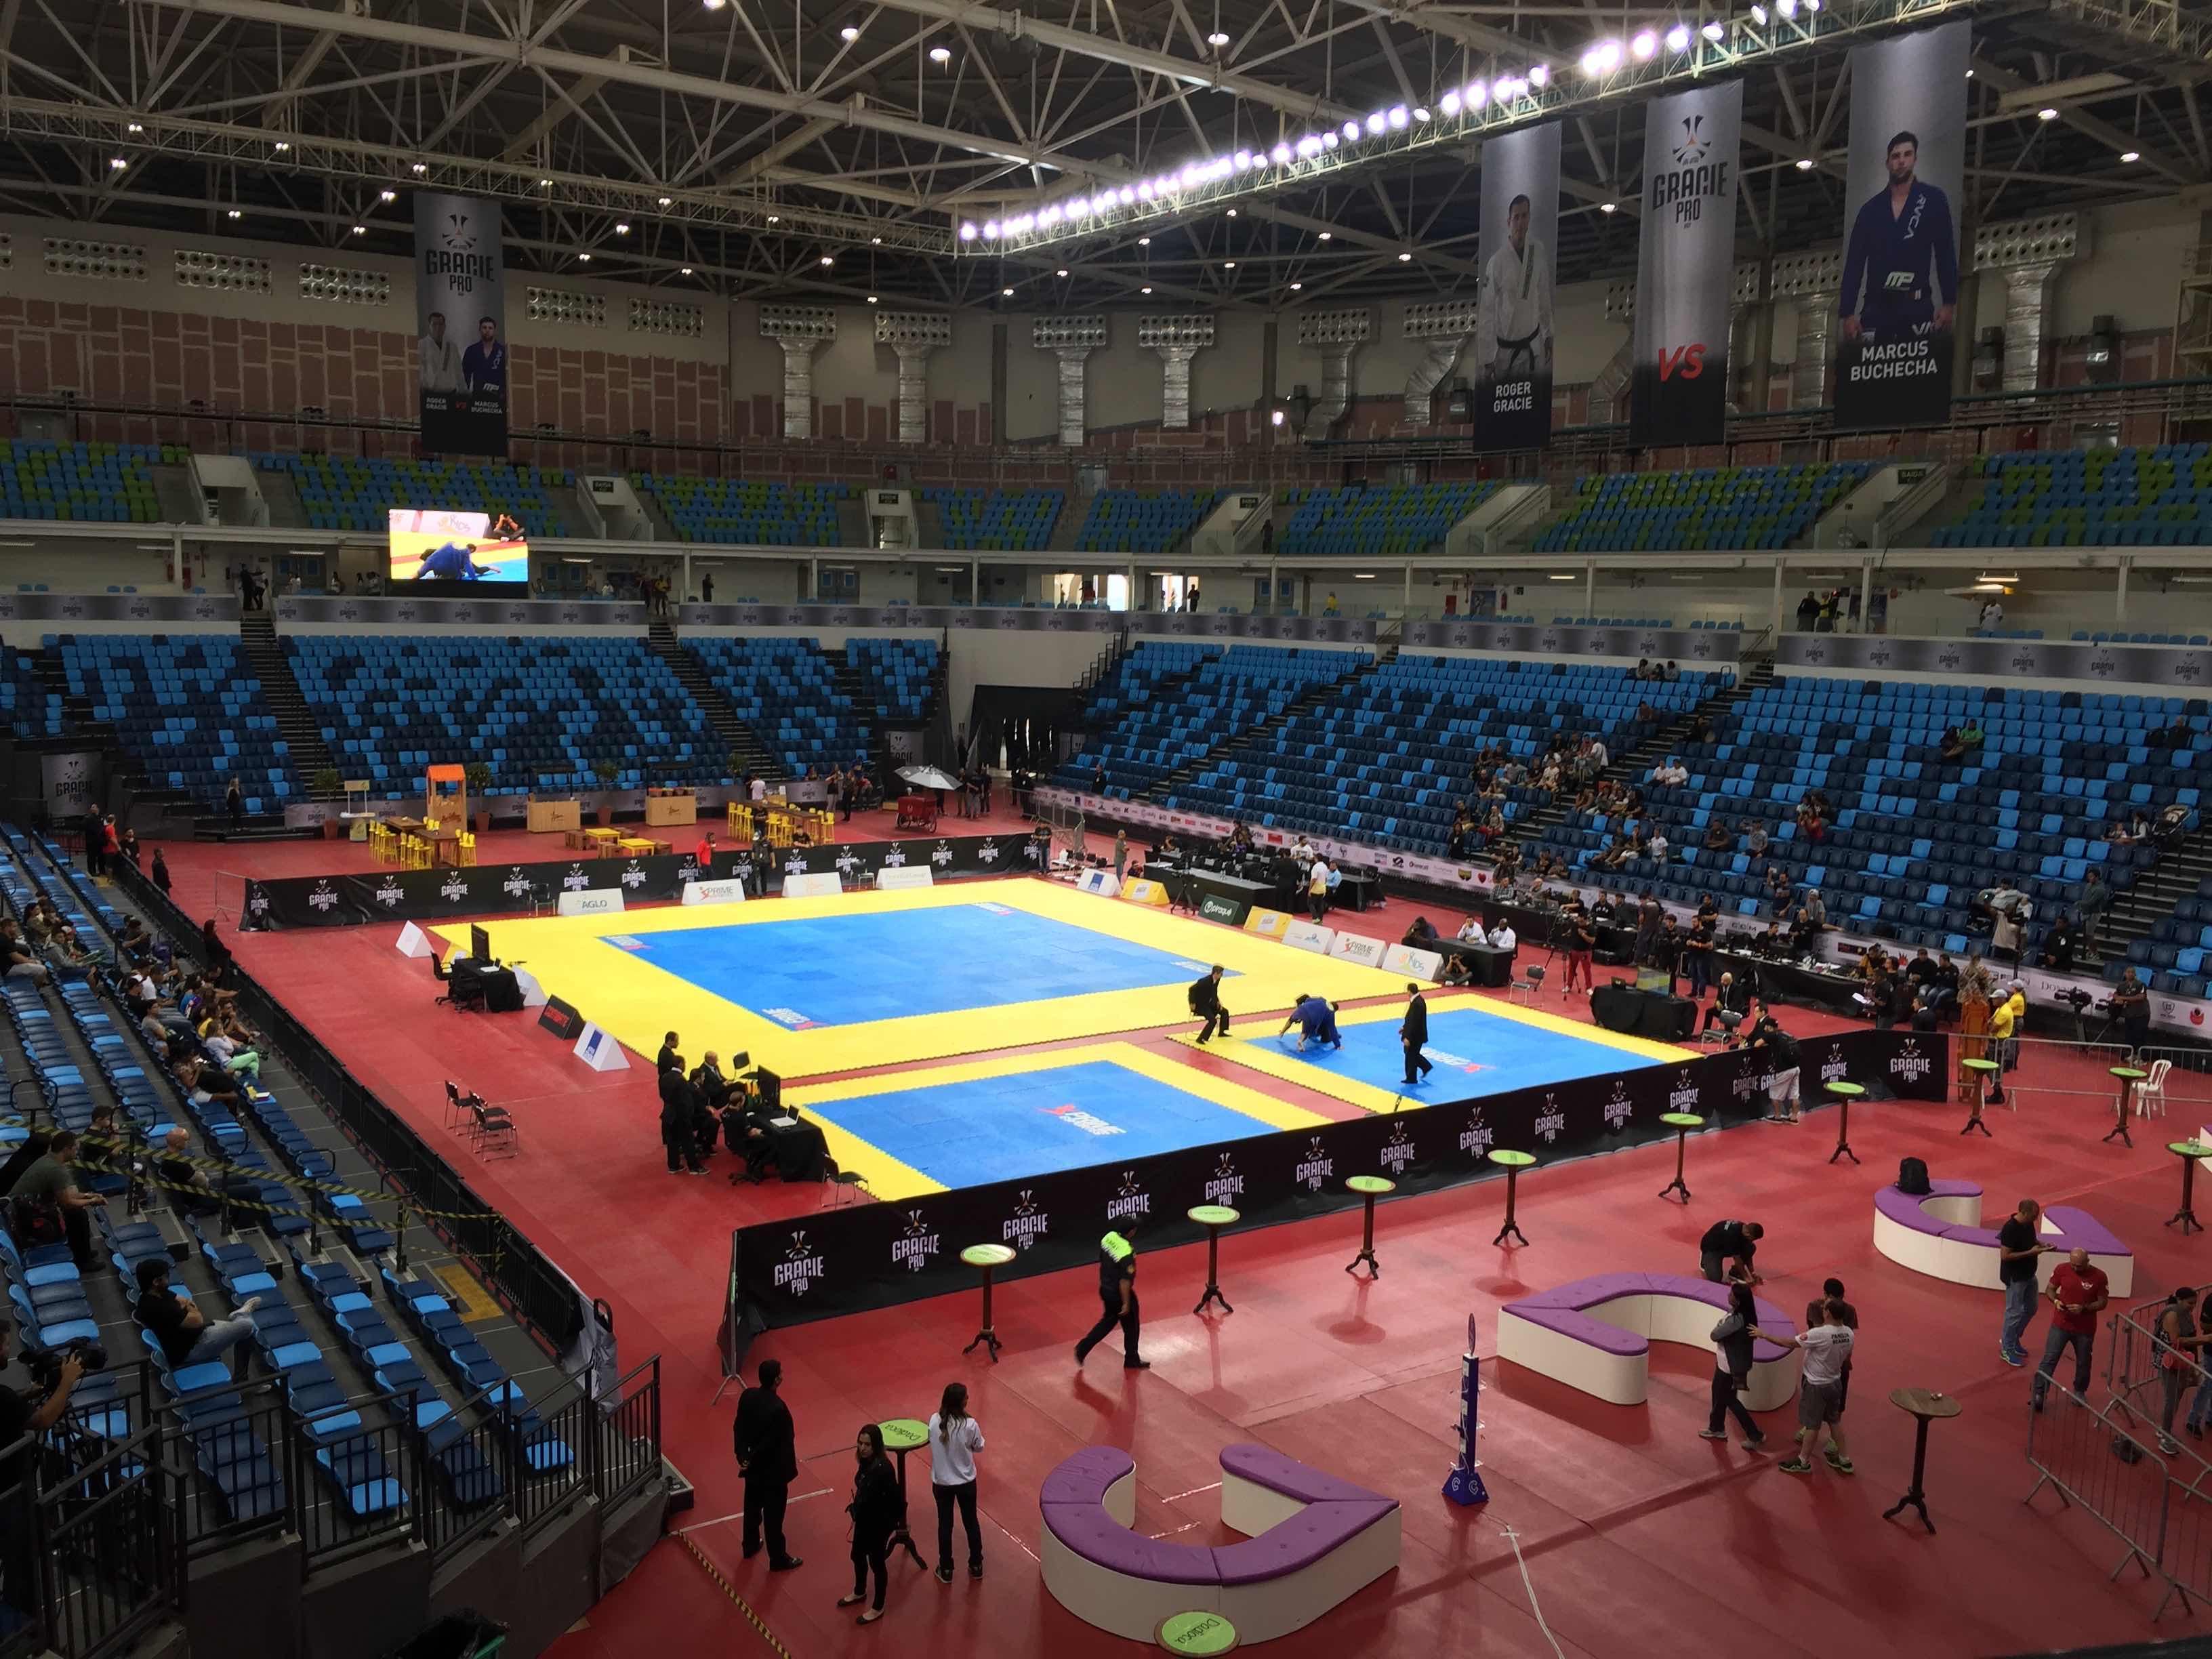 Campeonato de Jiu-Jitsu Gracie Pro